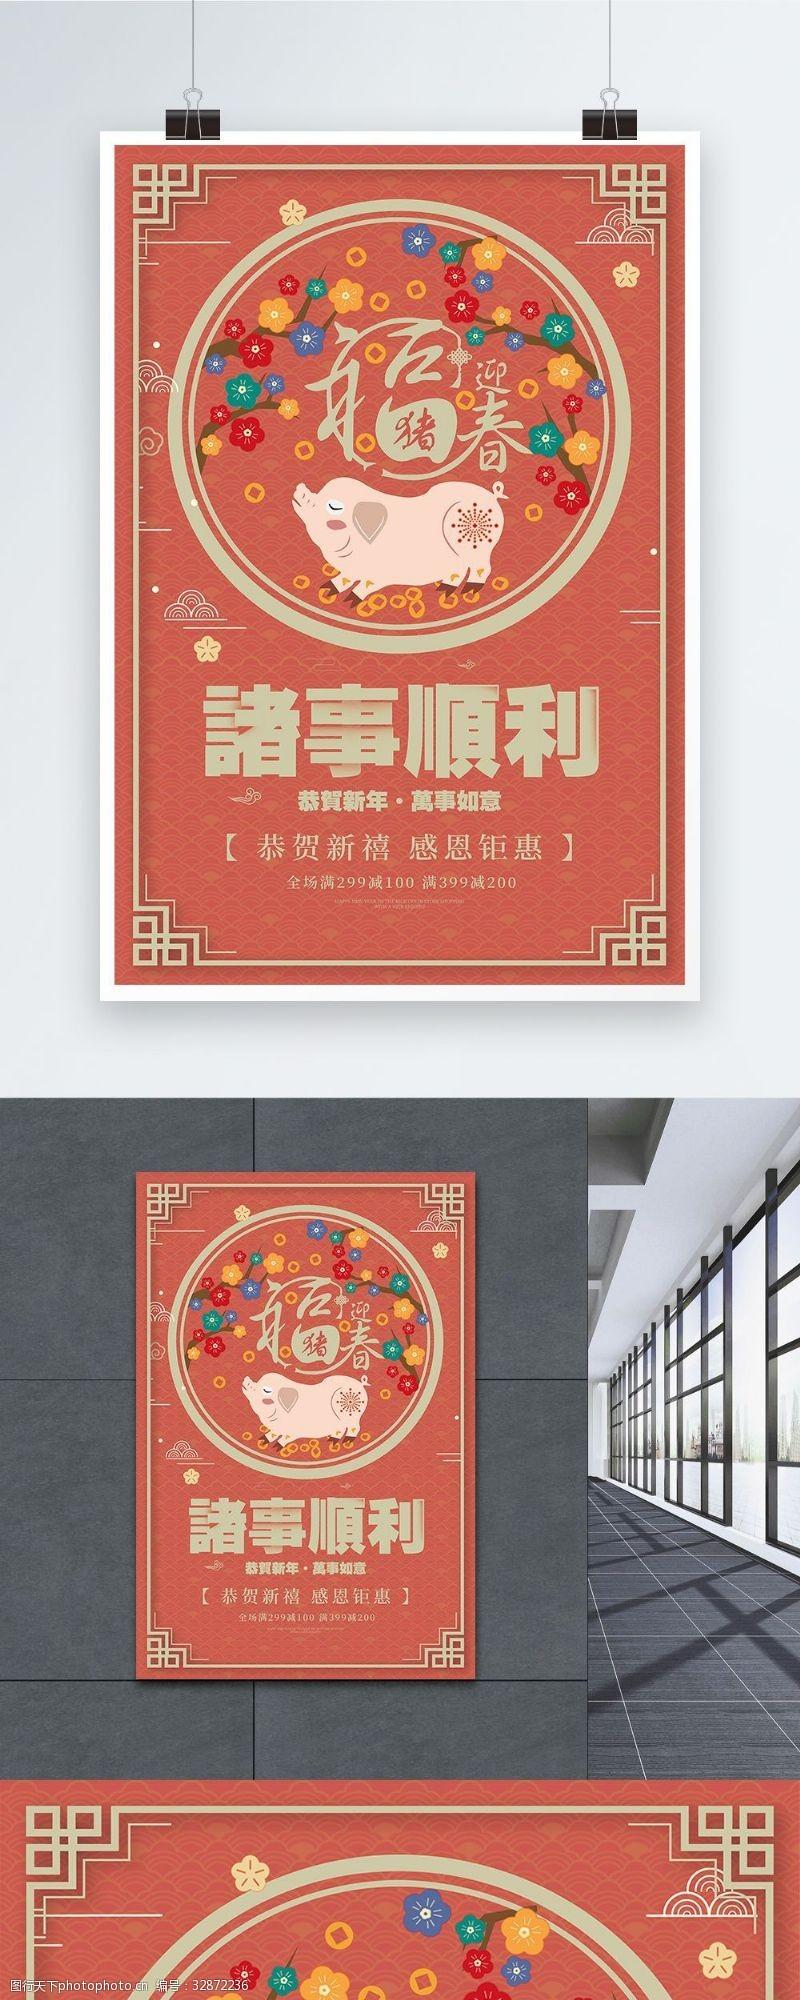 2019諸事順利新年促銷海報設計